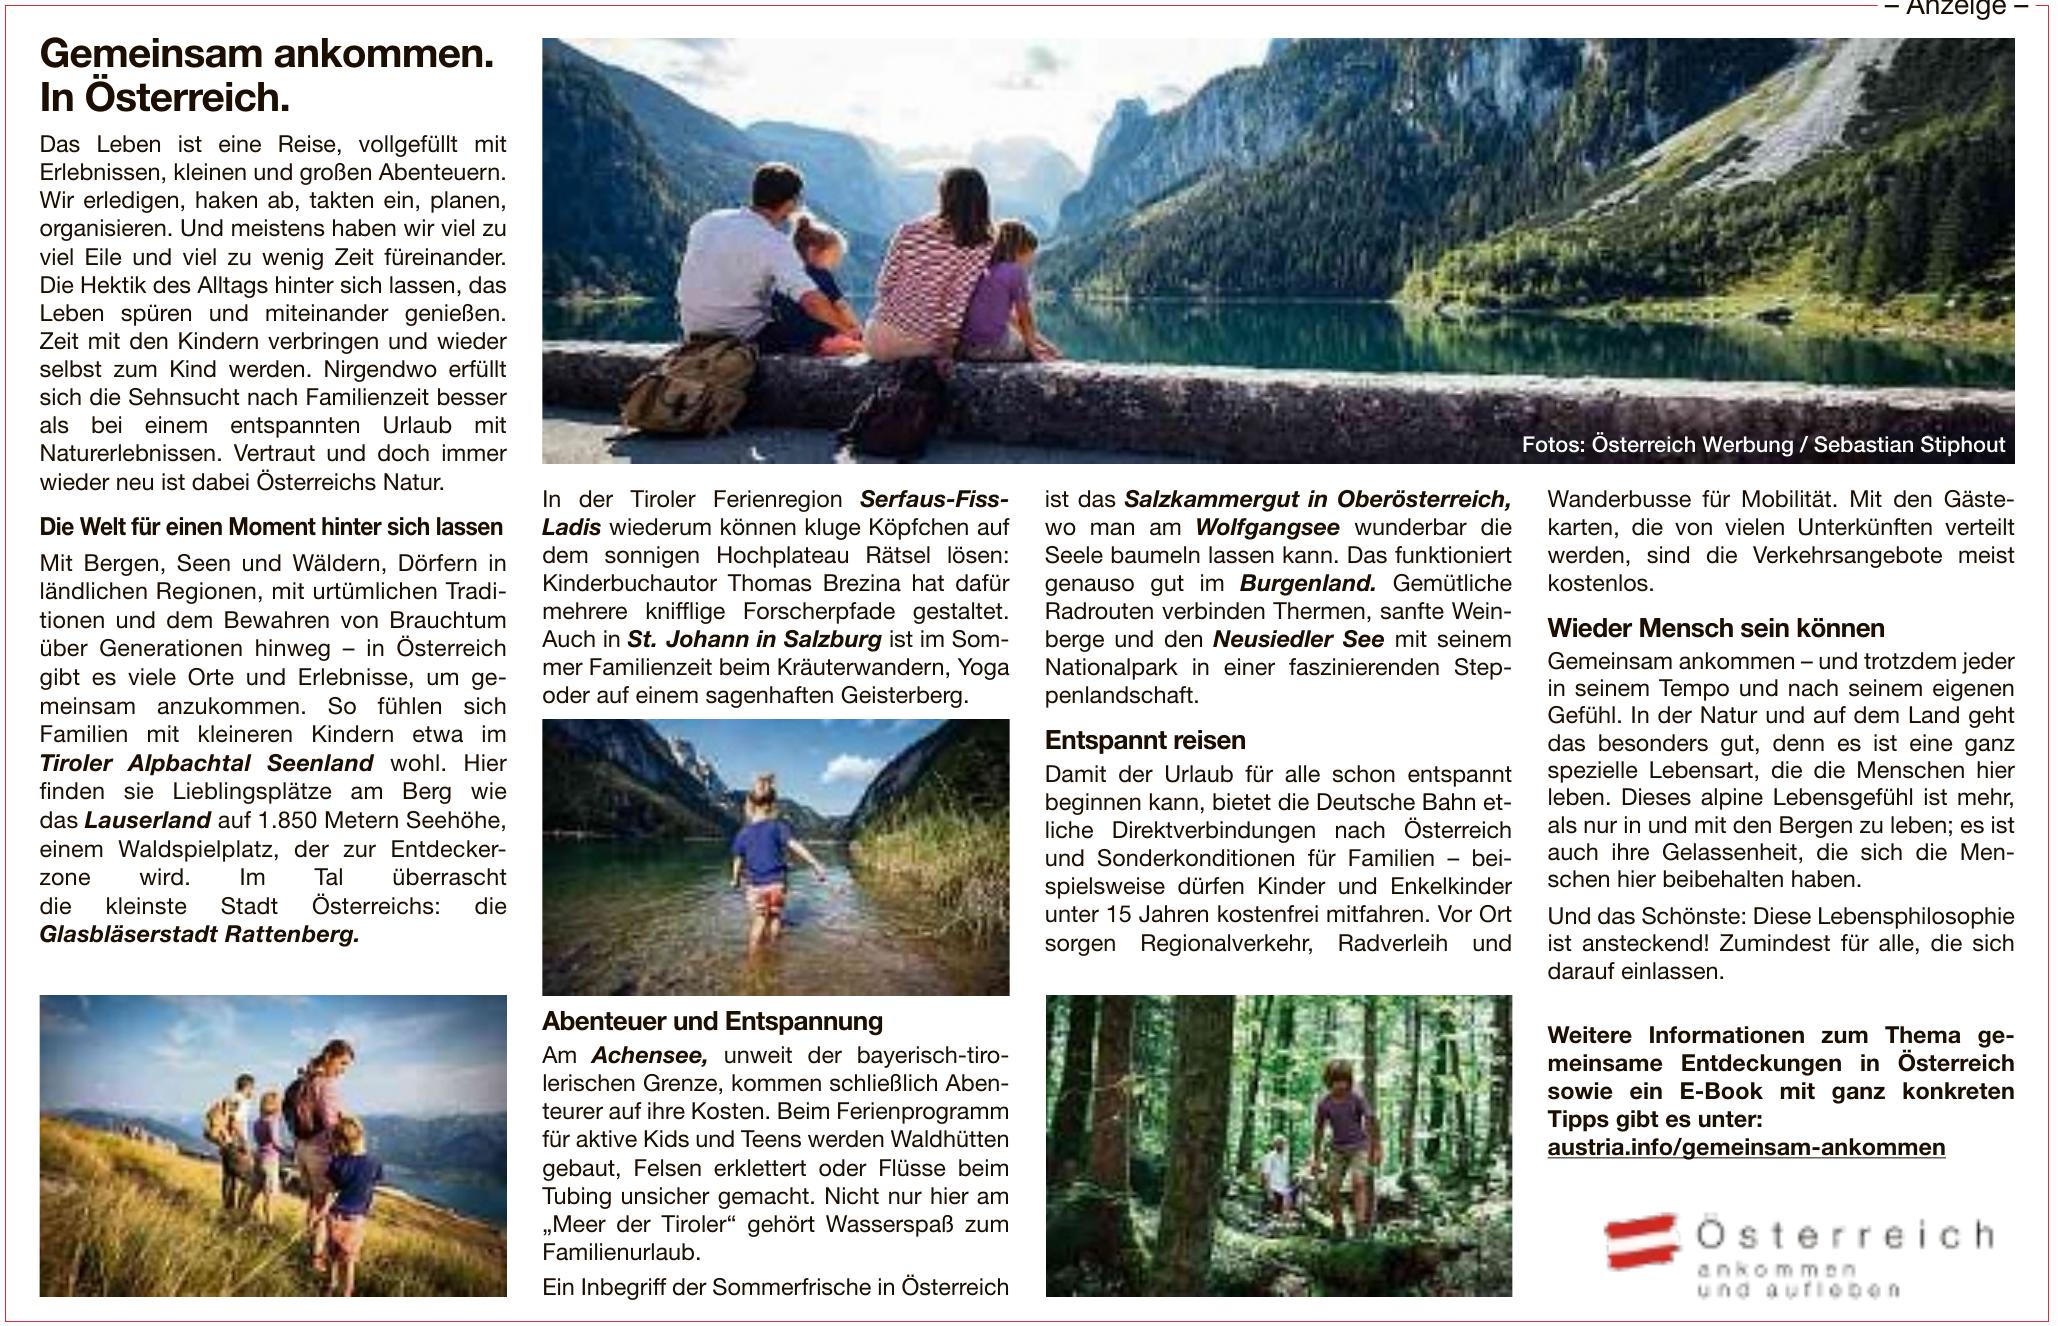 Österreich ankommen und aufleben